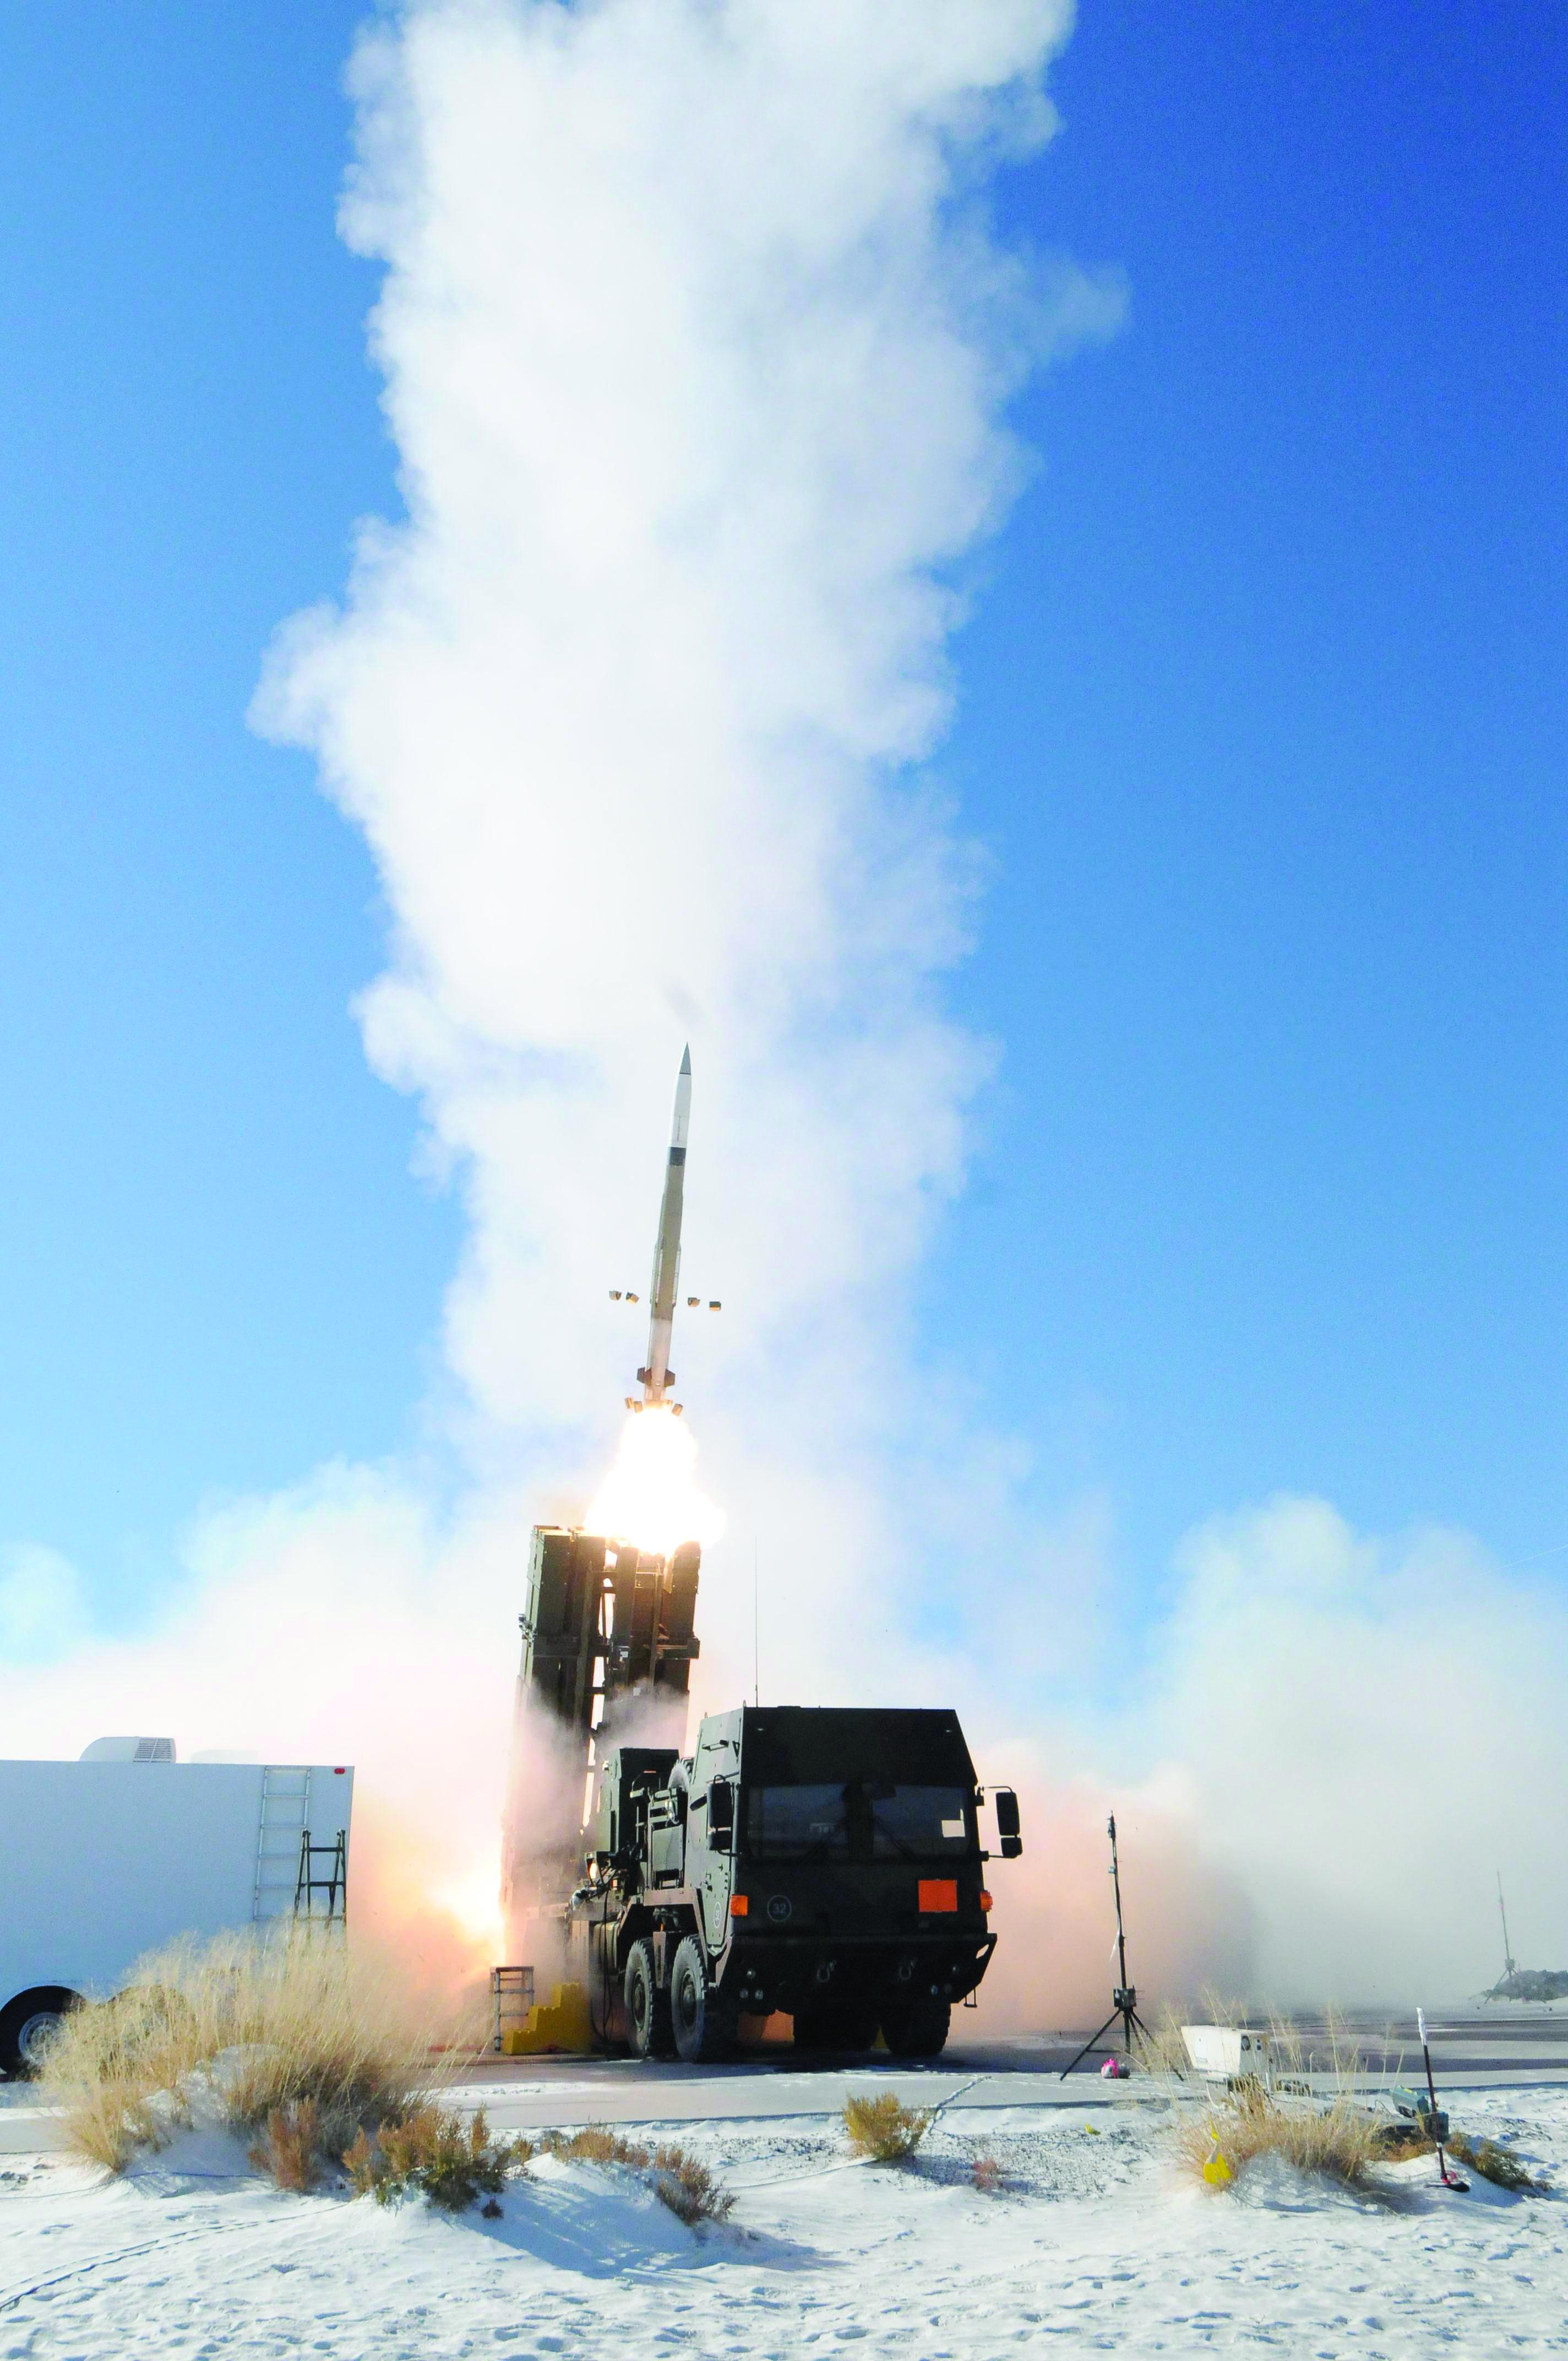 MEADS firing